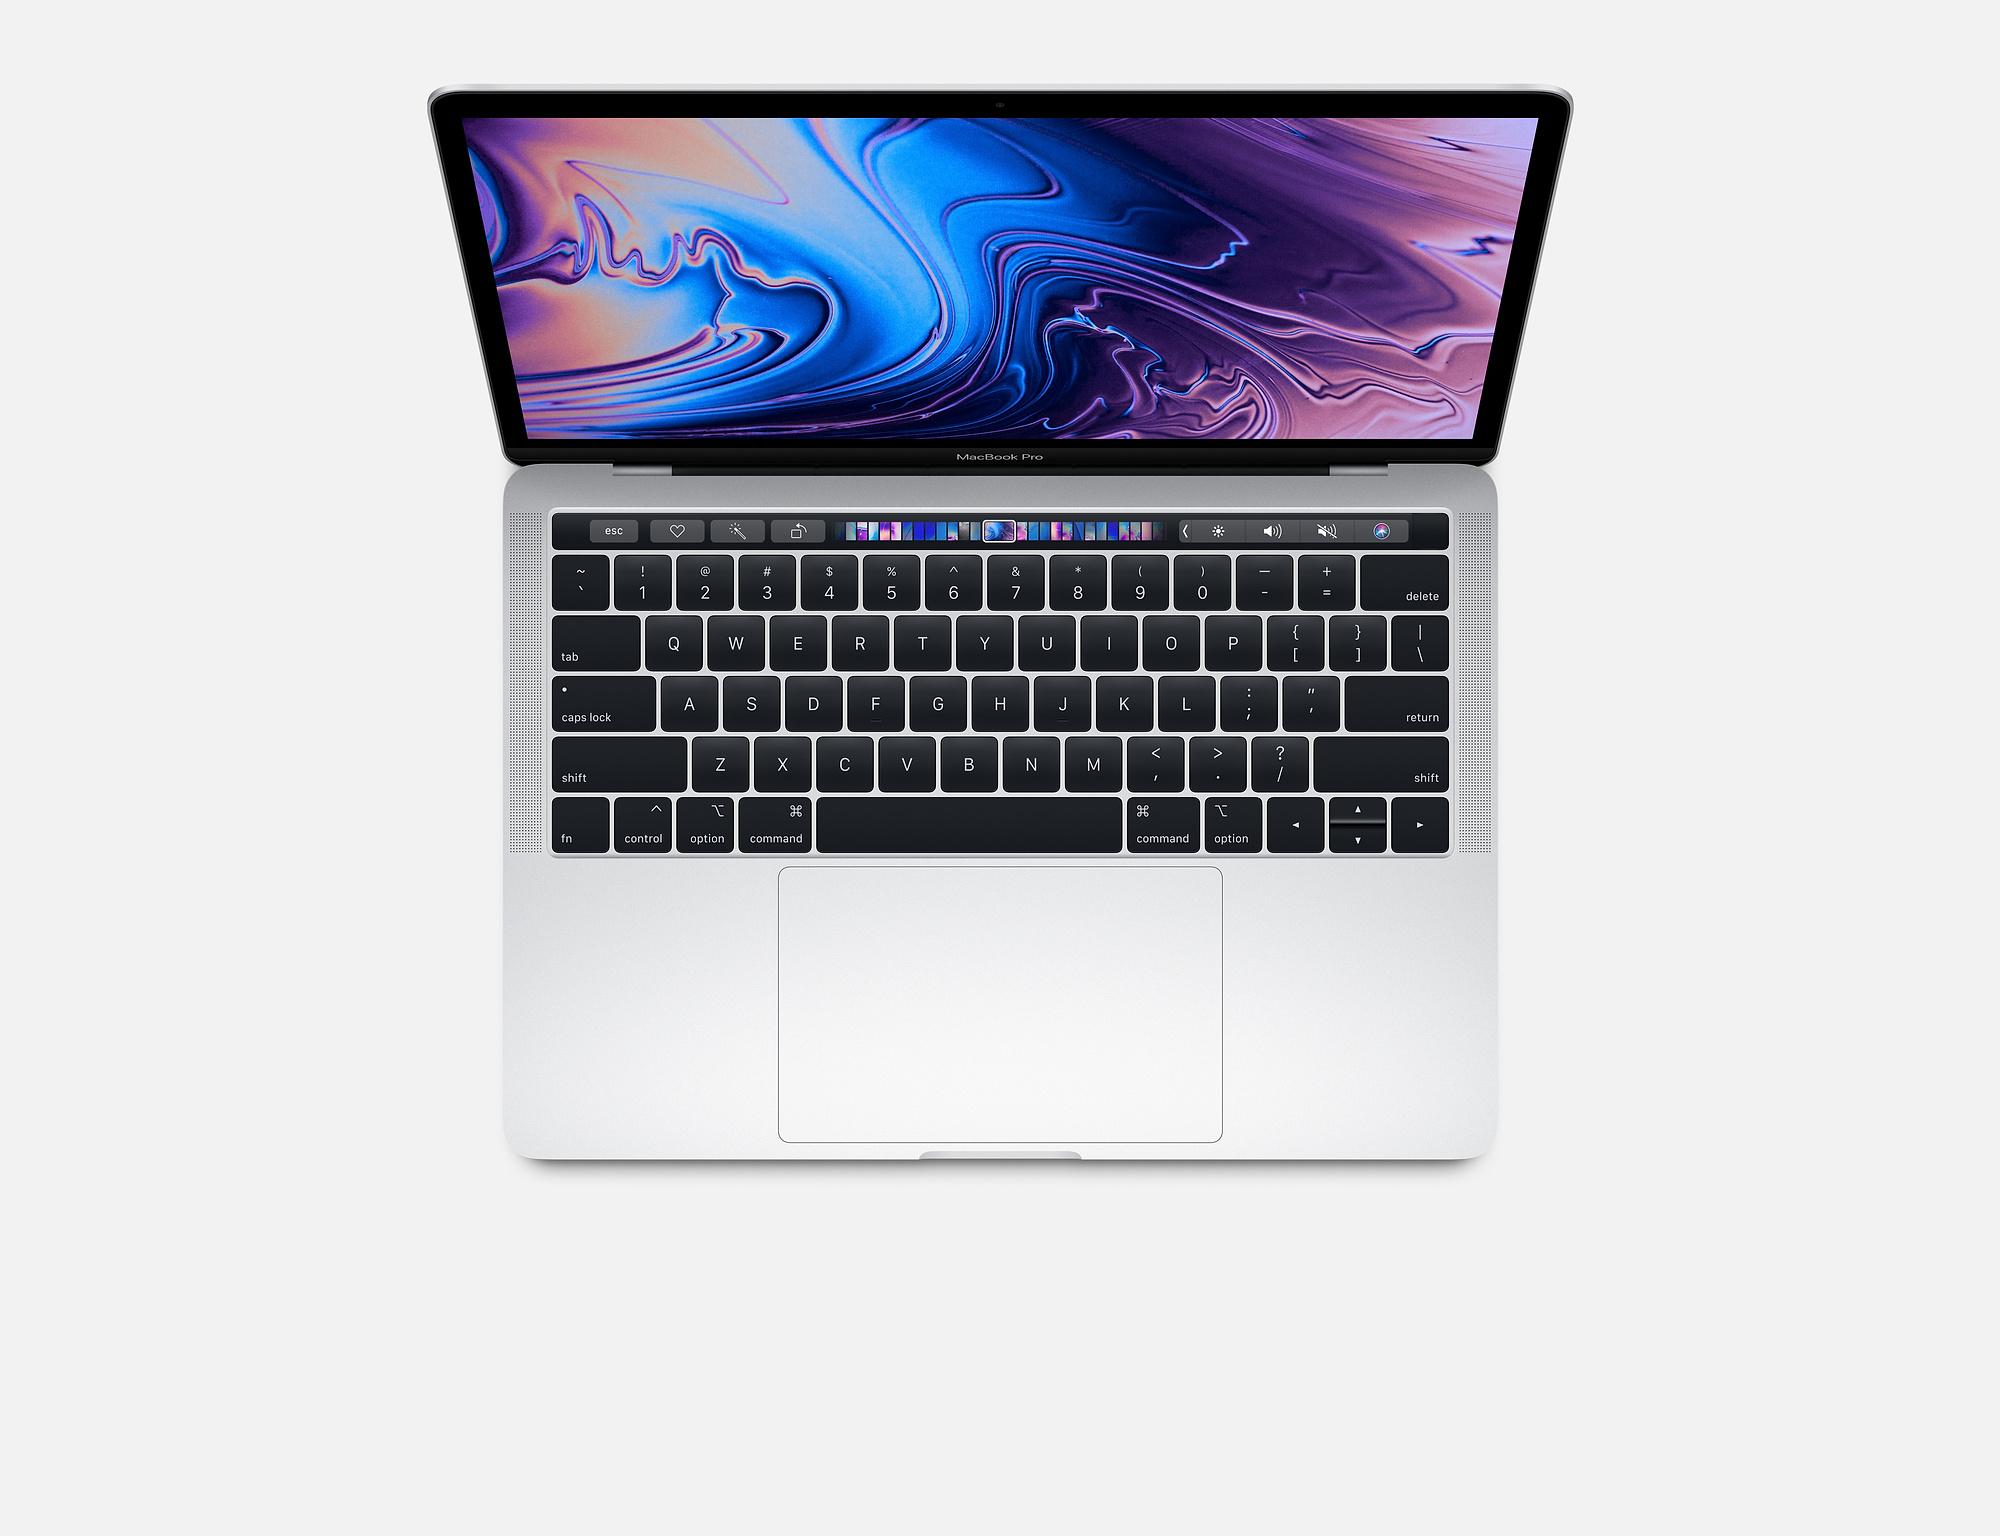 Prenosni računalnik MACBOOK PRO 13TB/QC I5 SI 2.4GHZ/8GB/256GB/INT